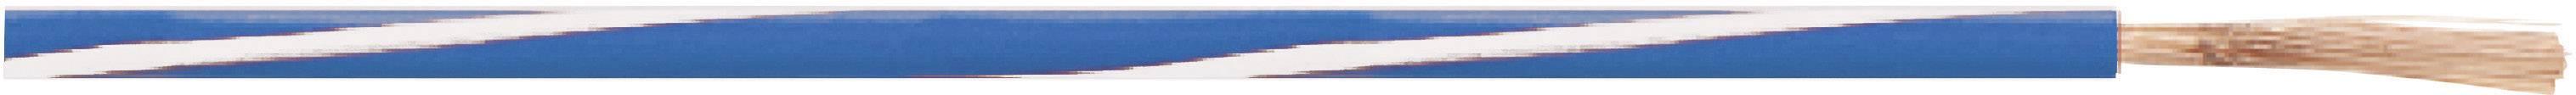 Opletenie / lanko LappKabel 4512352S X05V-K, 1 x 0.75 mm², vonkajší Ø 2.40 mm, metrový tovar, fialová, čierna